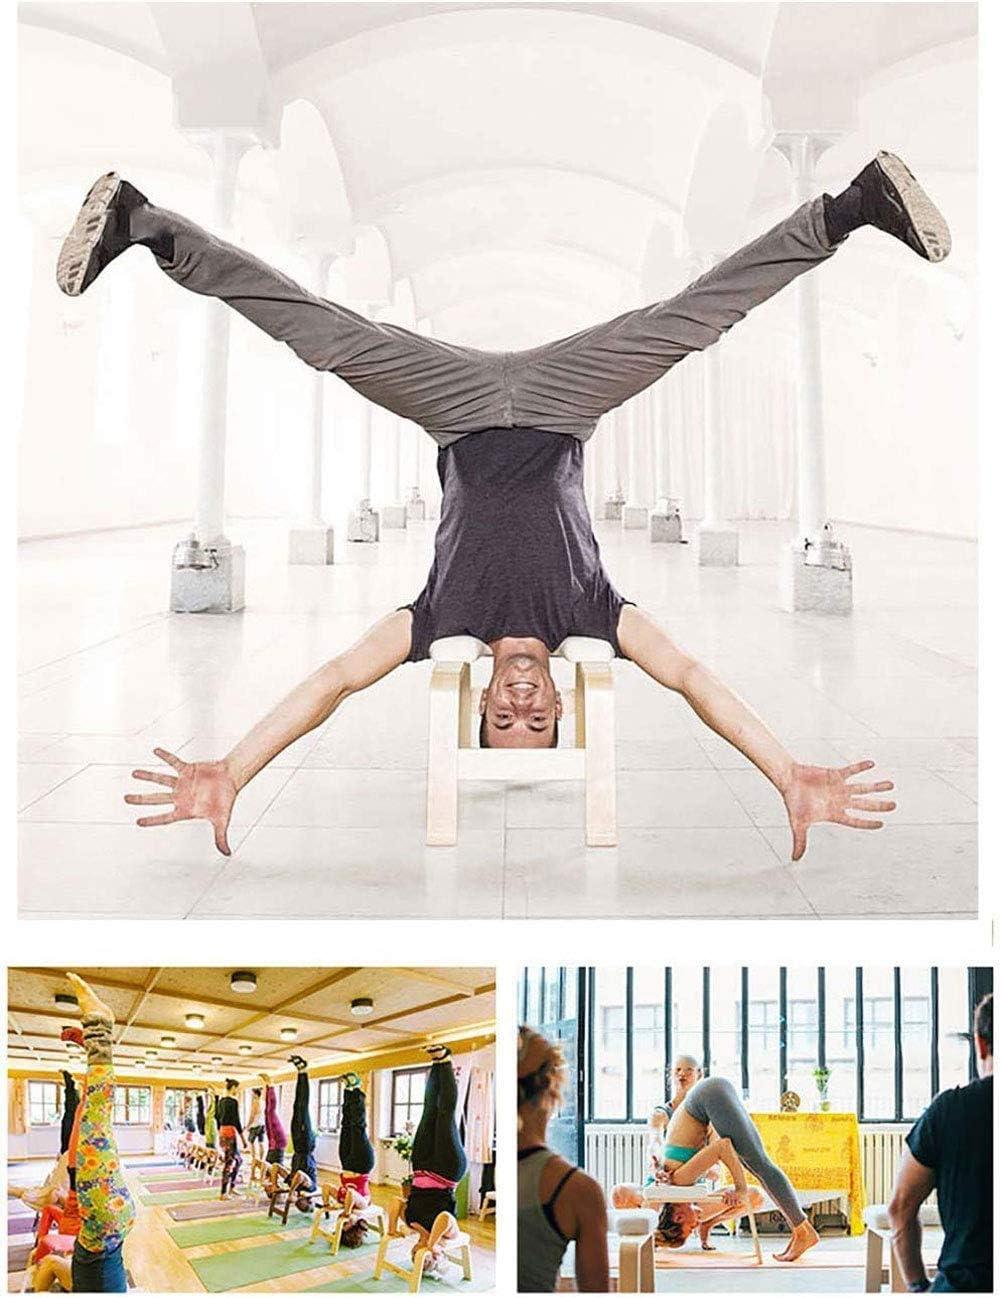 Yoga Postura sobre la cabeza del banco Inversion parada de cabeza Presidente Inversion Banco de yoga Ayudas Entrenamiento asiento banco parada de cabeza de heces Deportes Ejercicio Fitness Equipment